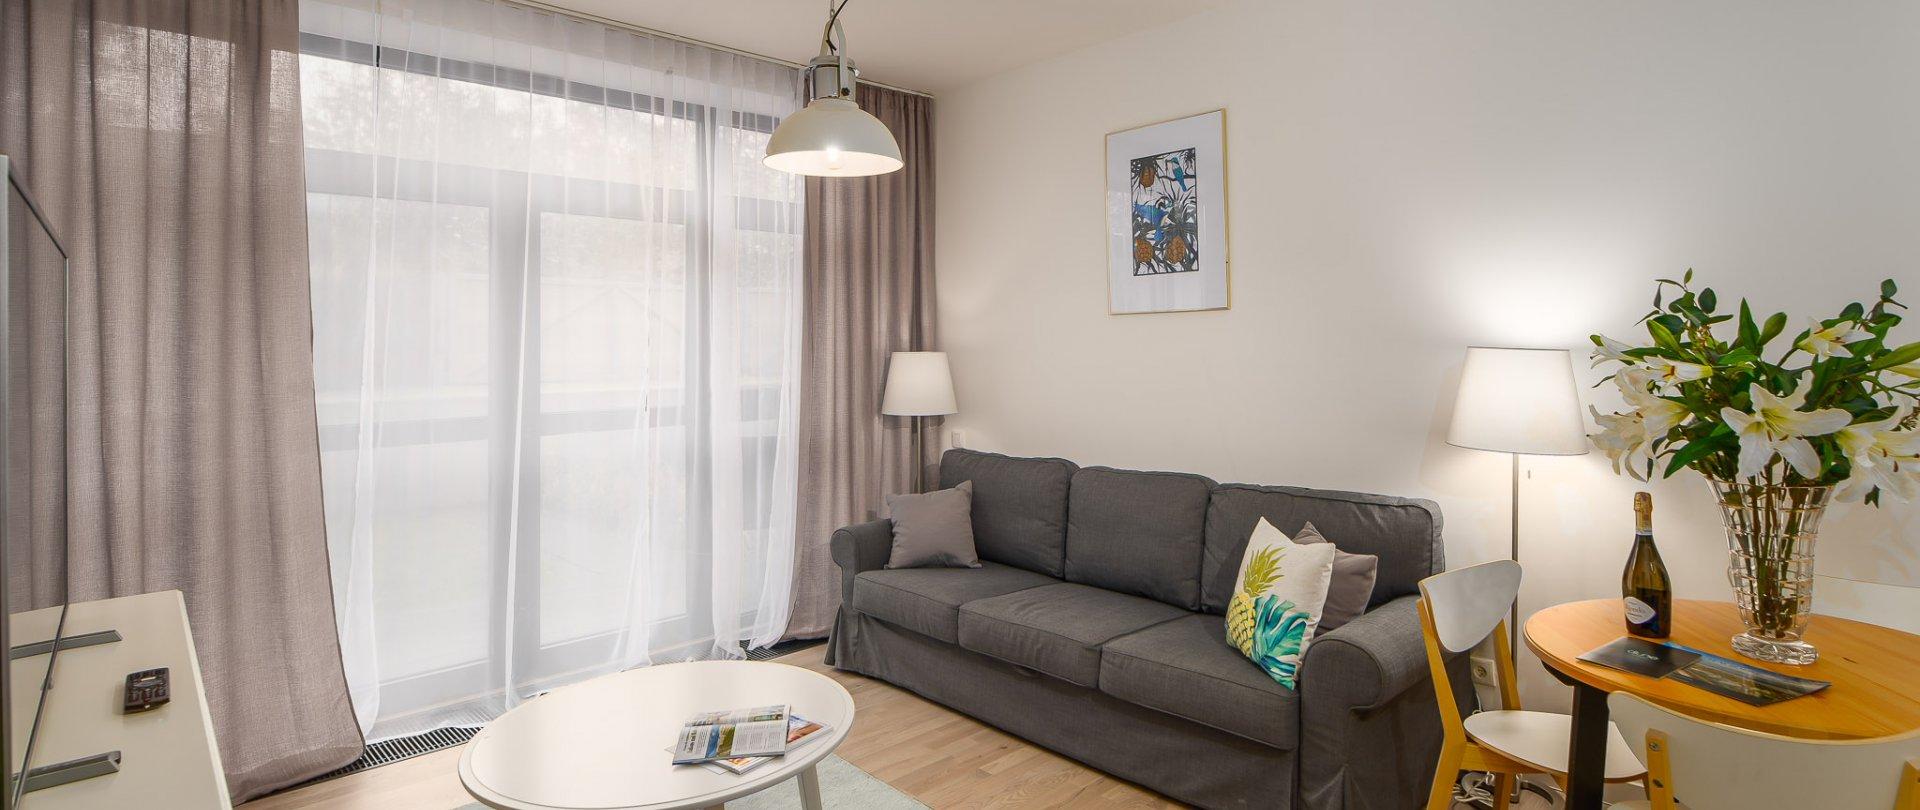 Apartament 019A  z jedną sypialnią  i ogródkiem